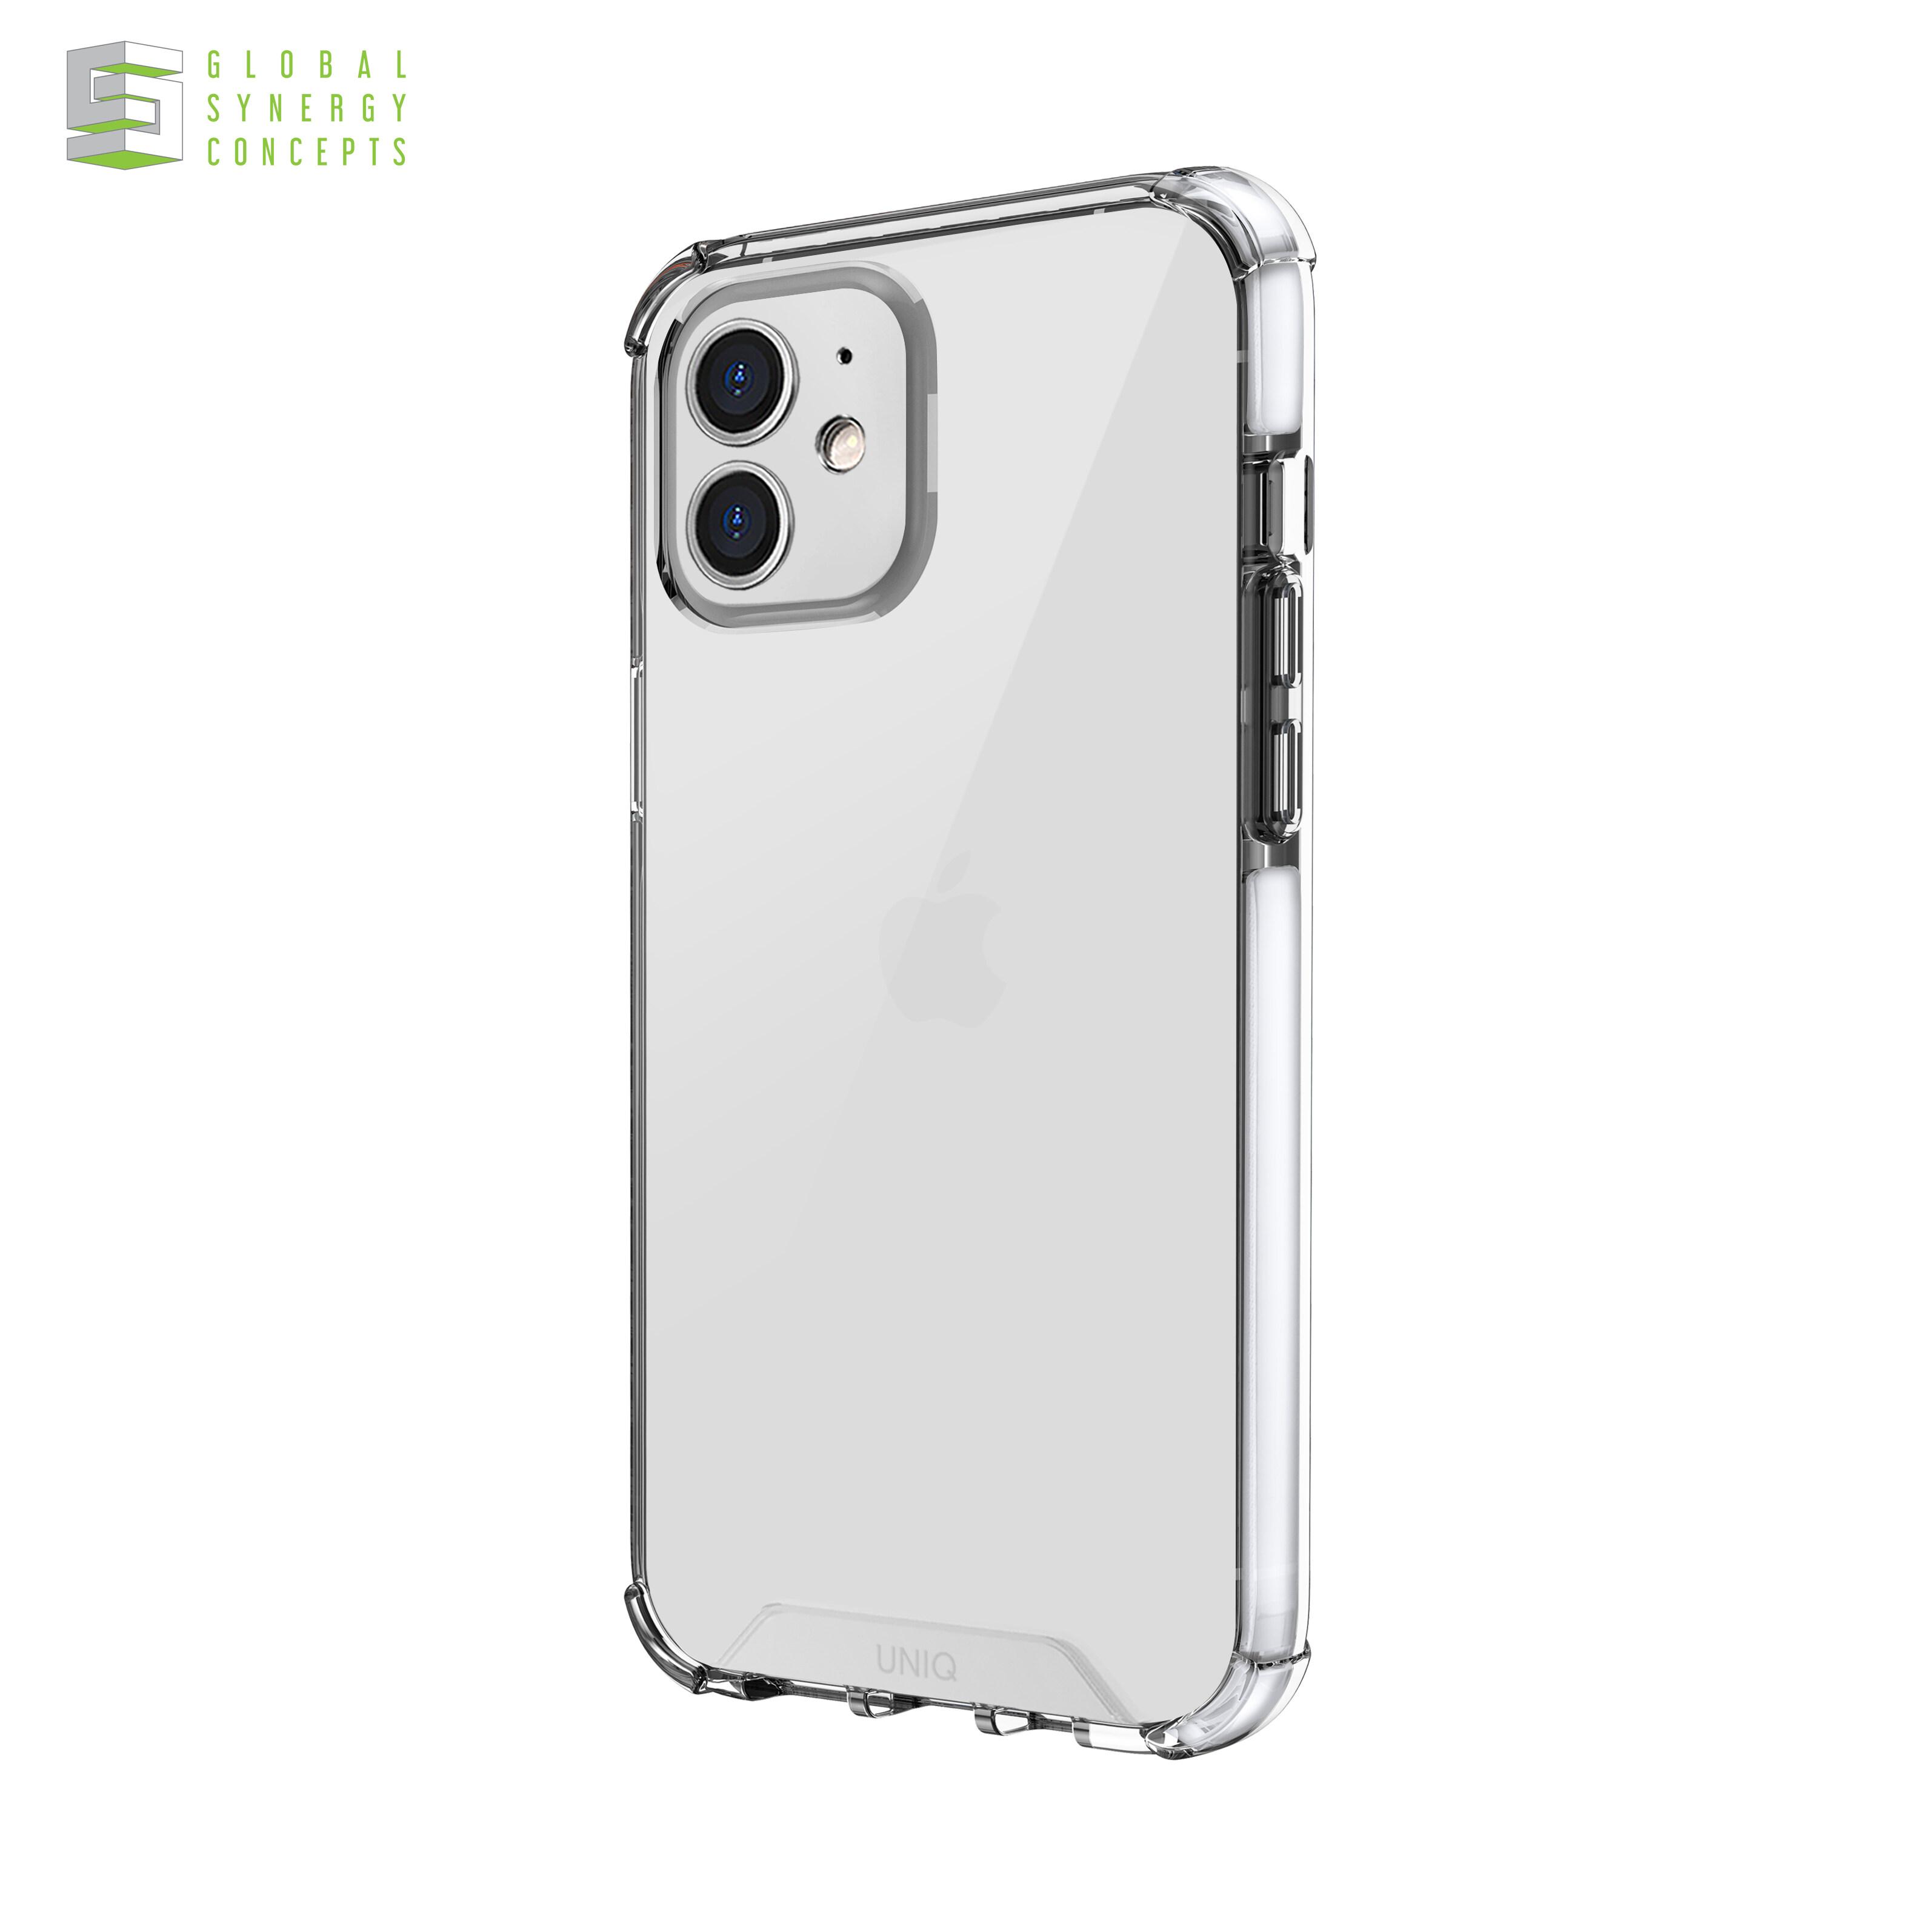 Uniq CASE Apple iPhone 12 (2020) series Hybrid Combat